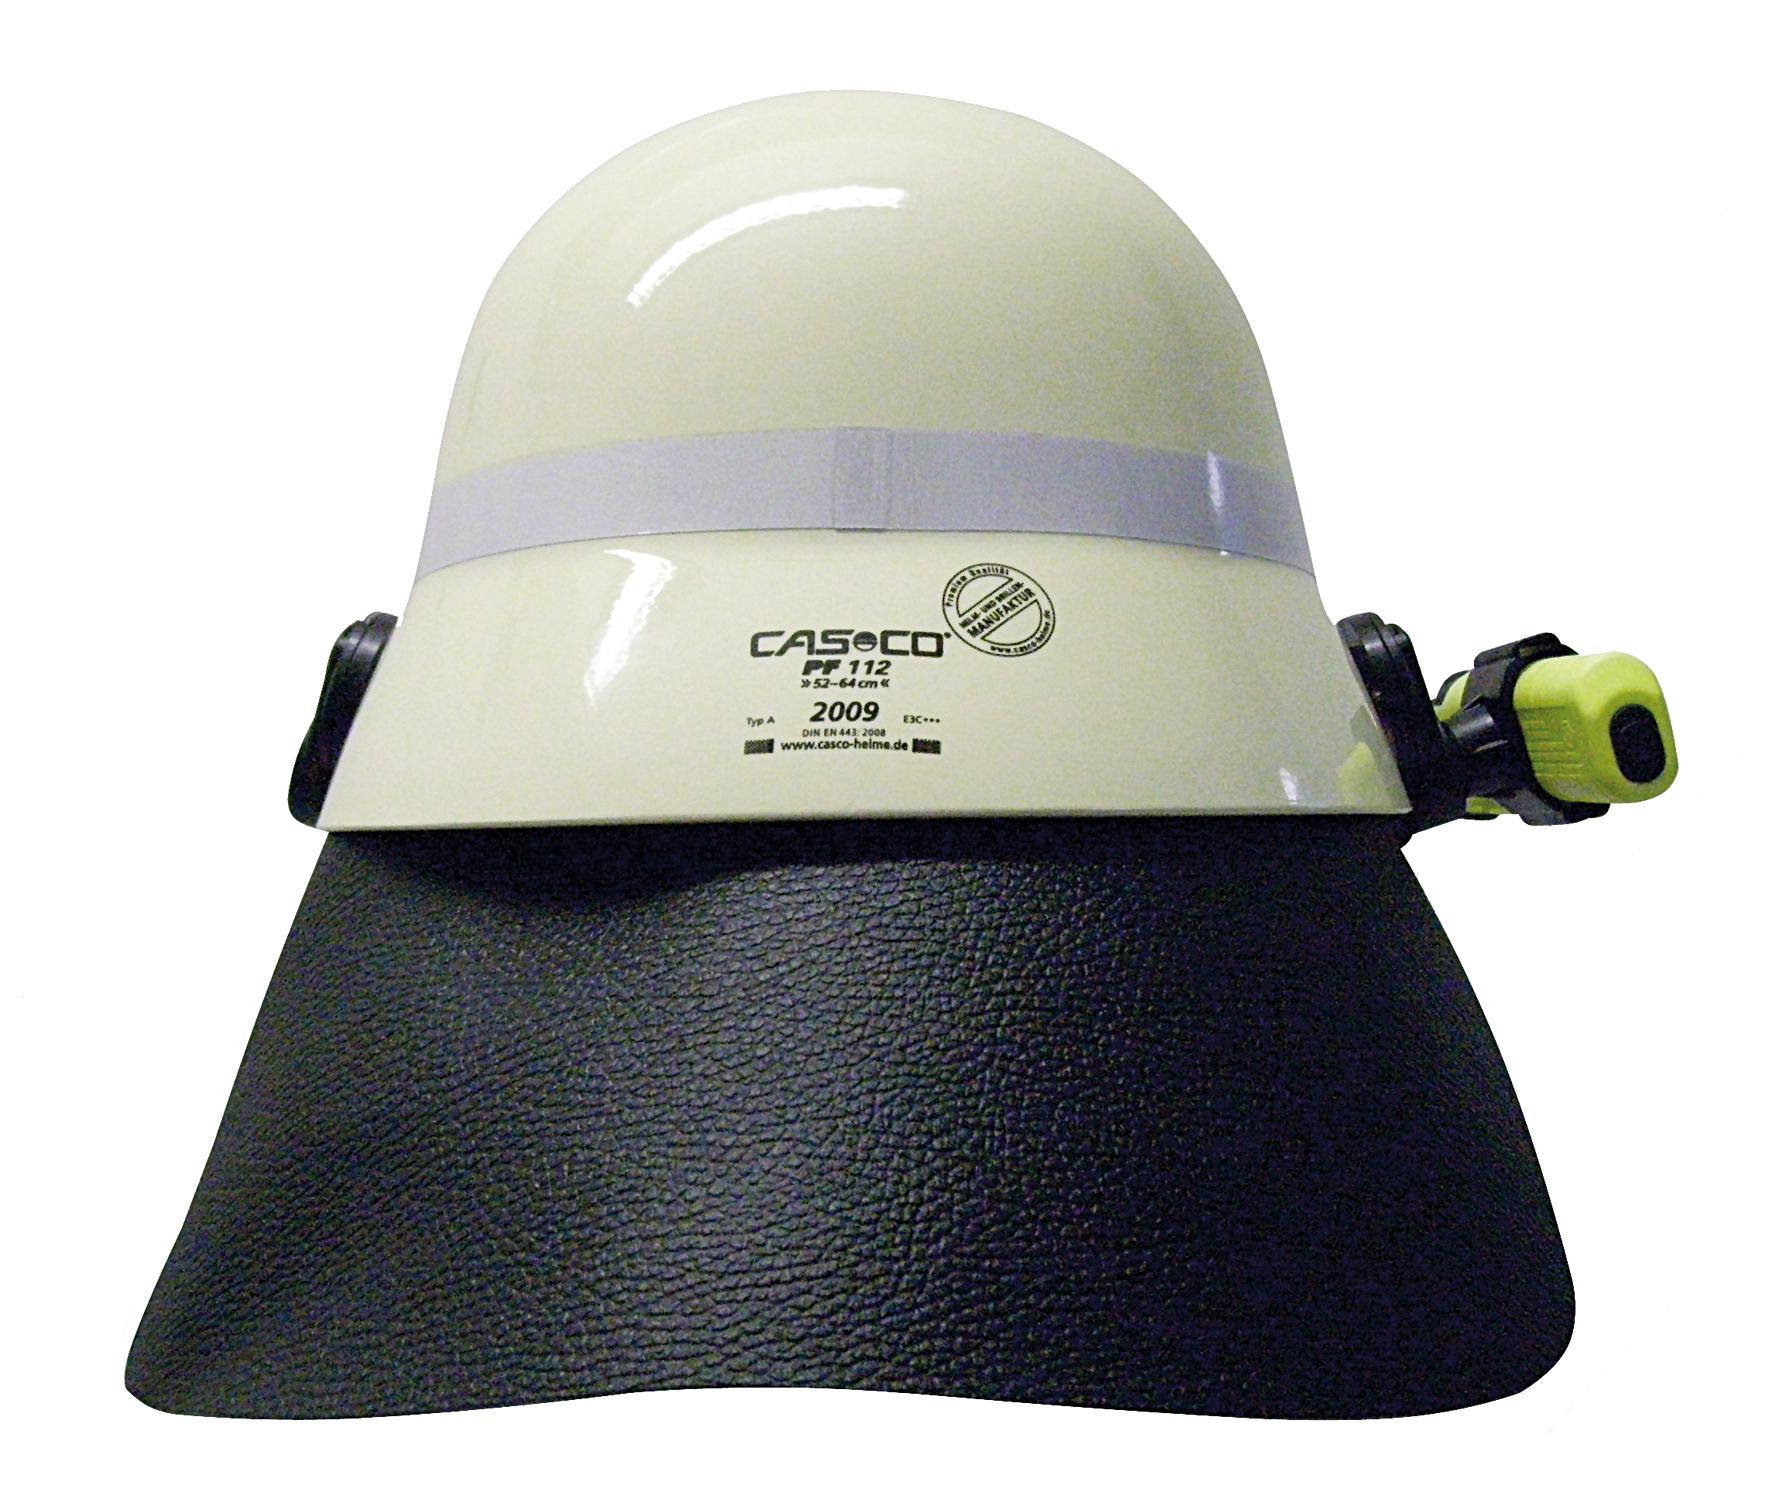 Nackenschutz Leder 6 Punkt Befestigung für Casco PF 112